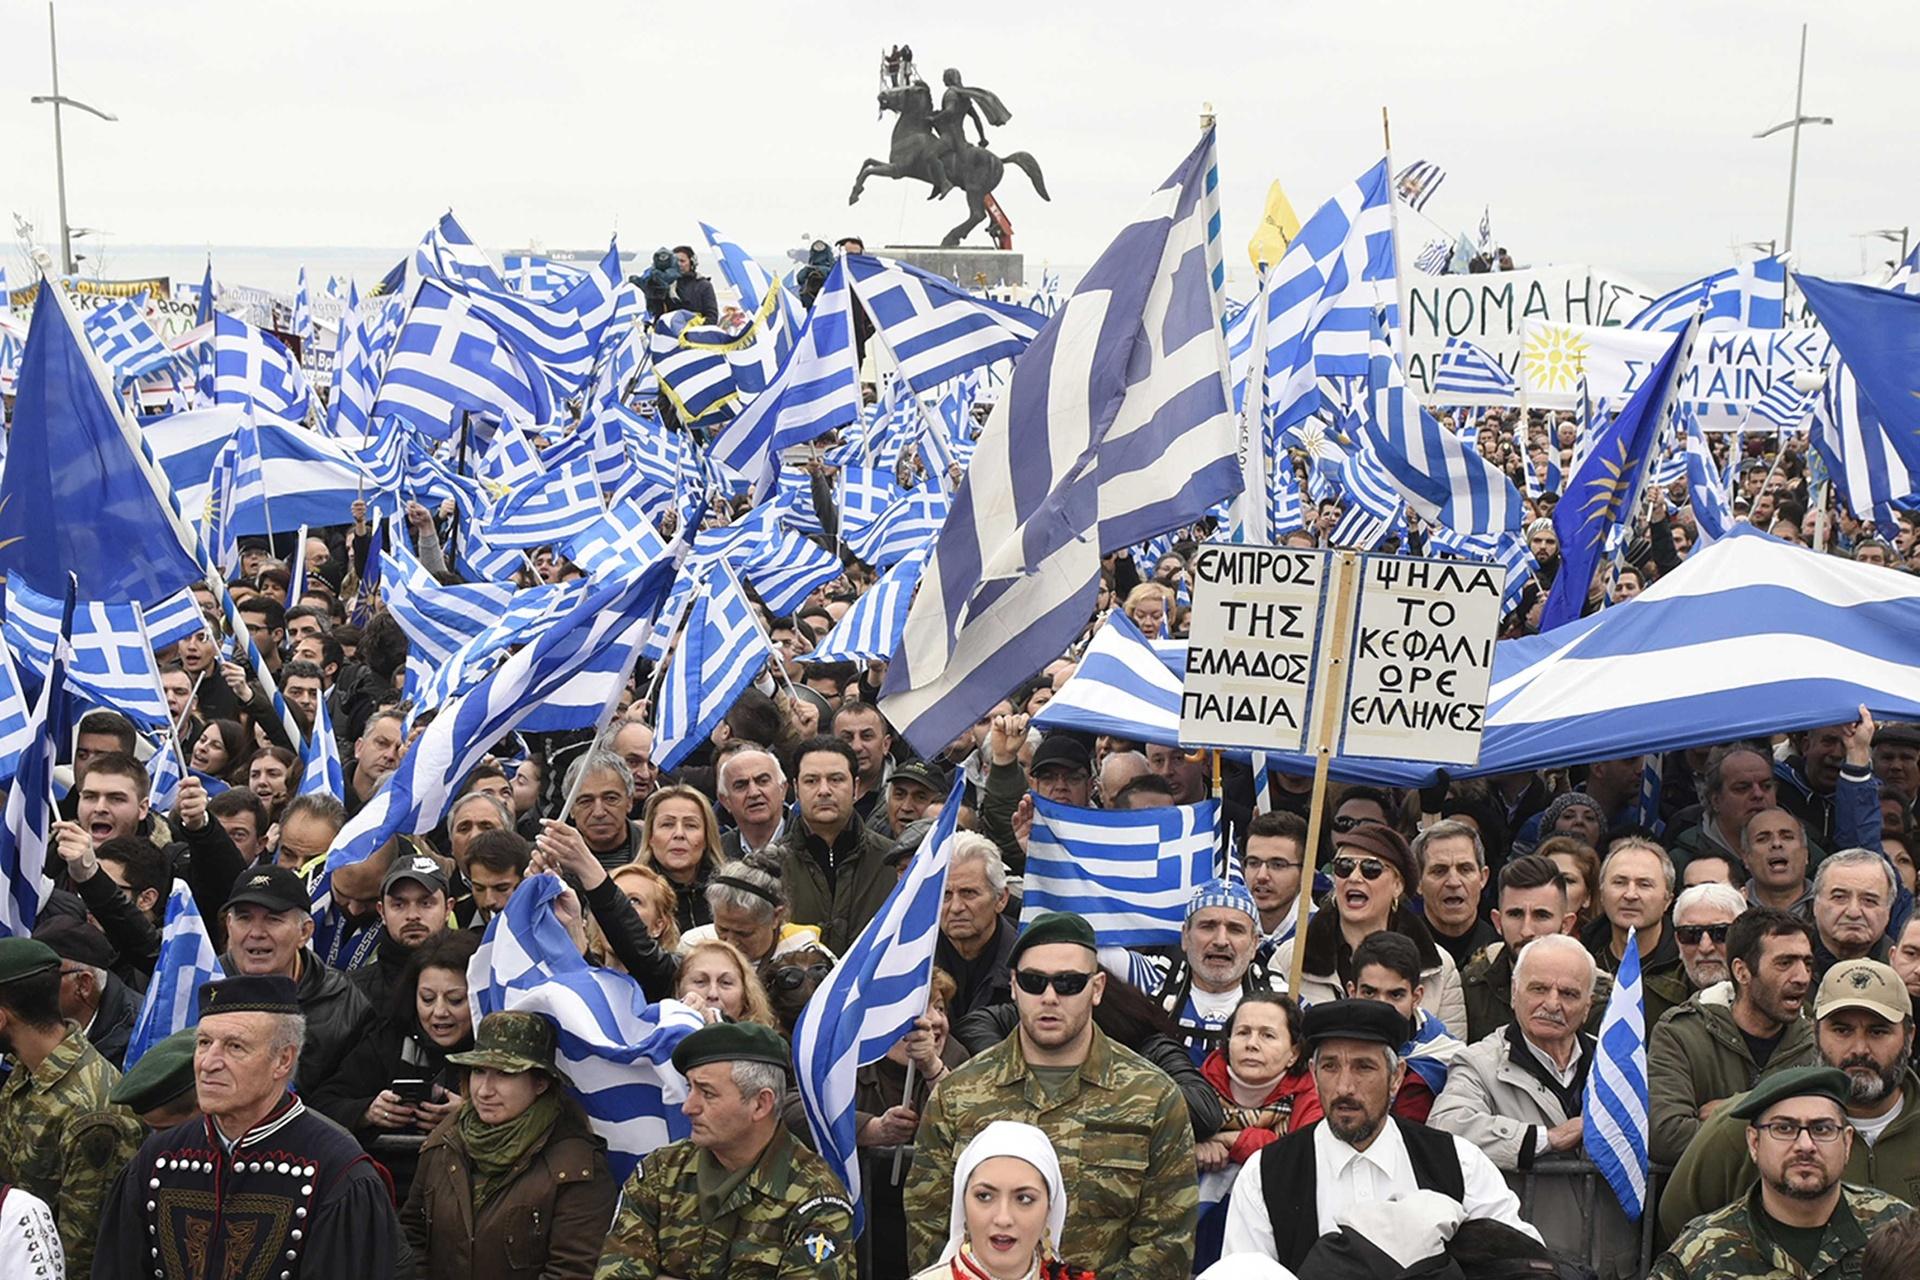 """Grčka-Makedonija: I dalje bez rješenja kad je u pitanju korištenje imena """"Makedonija"""""""